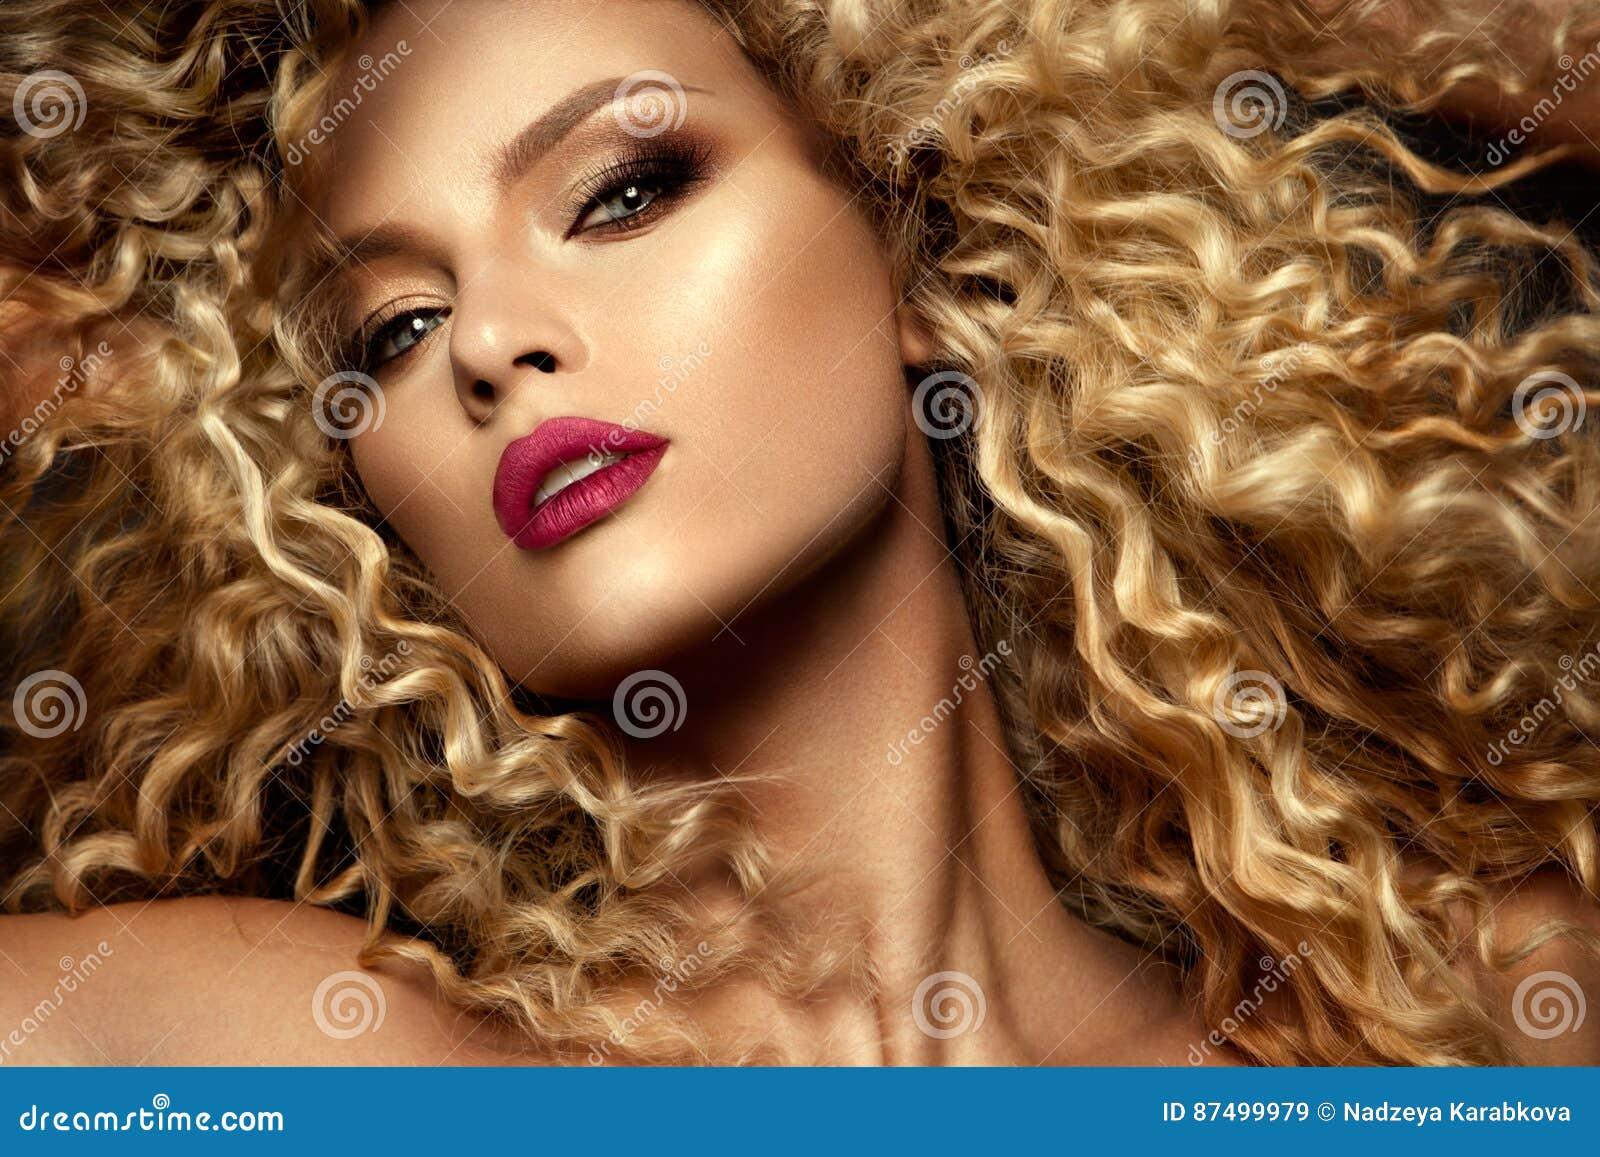 Красивая сторона фотомодели с голубыми глазами курчавые волосы губы красные